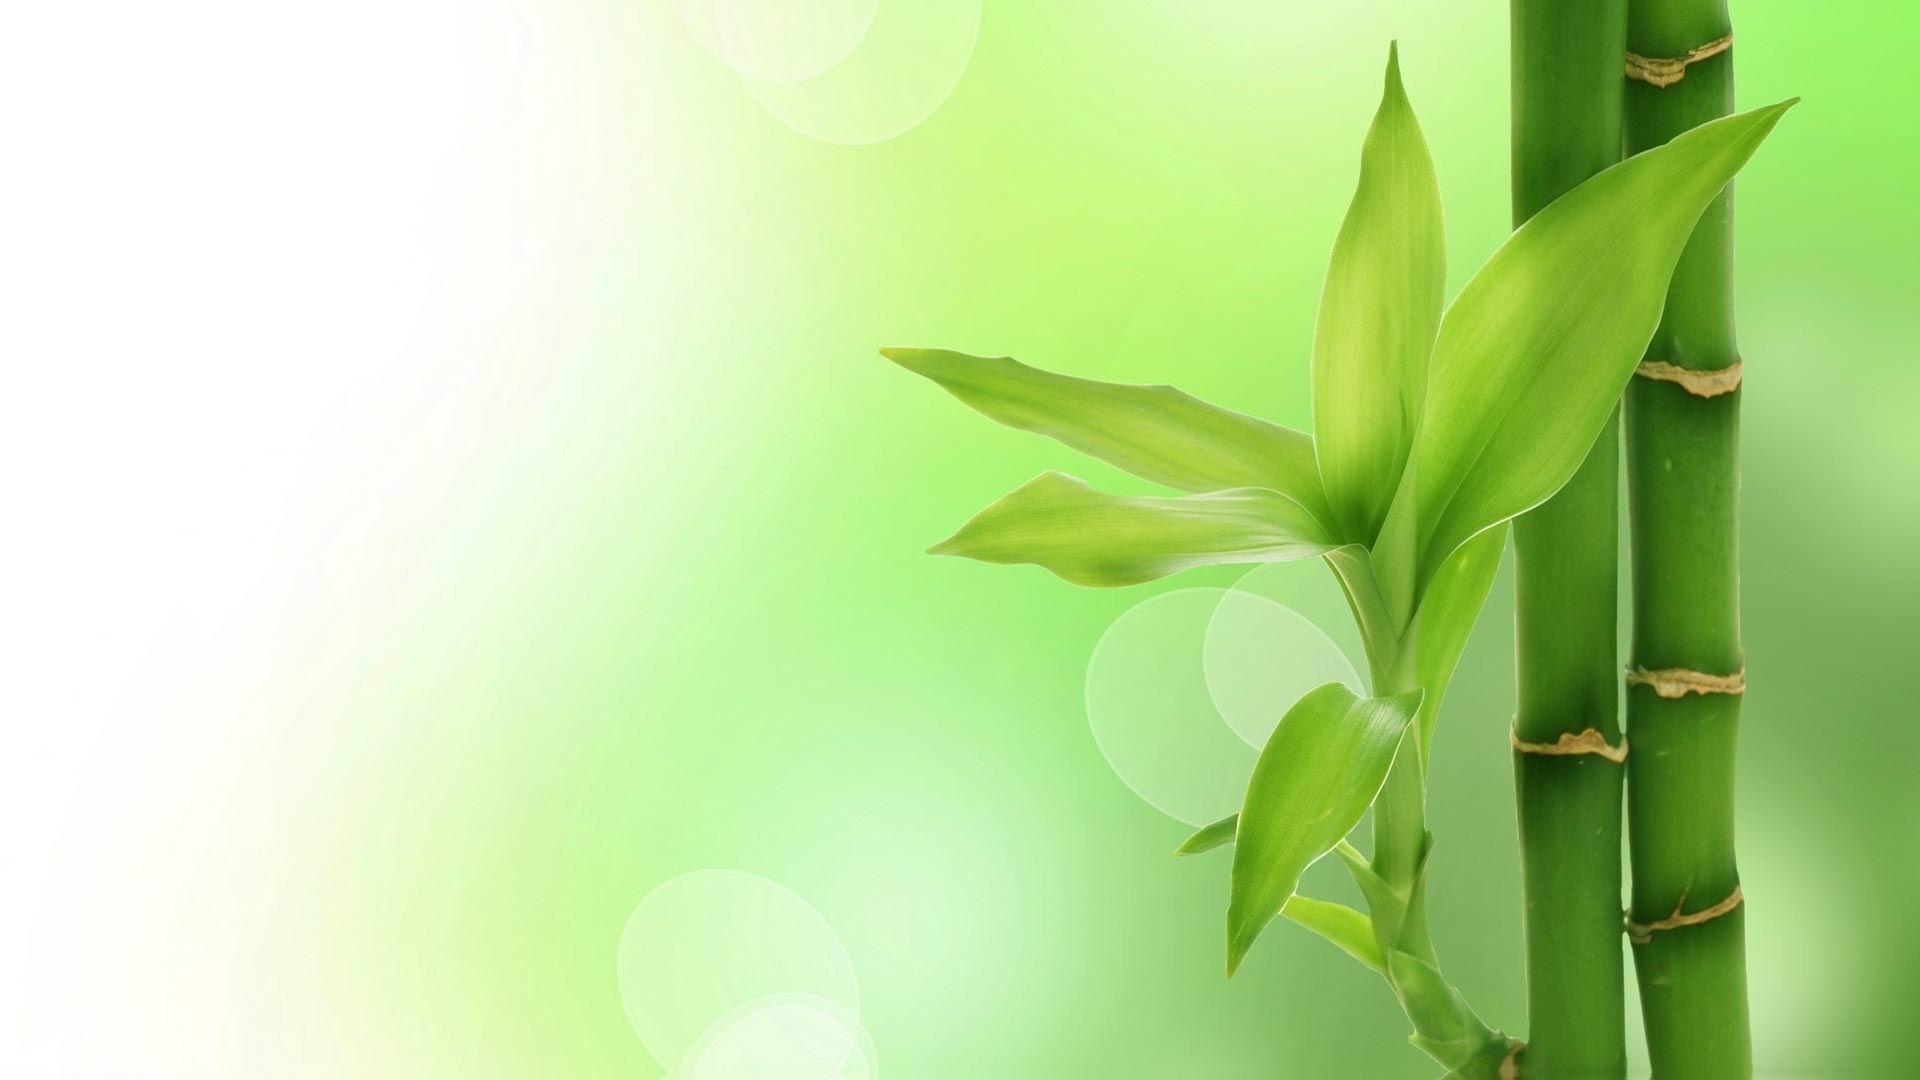 Bambou Vert-Papier Peint Plante Photographique Aperçu